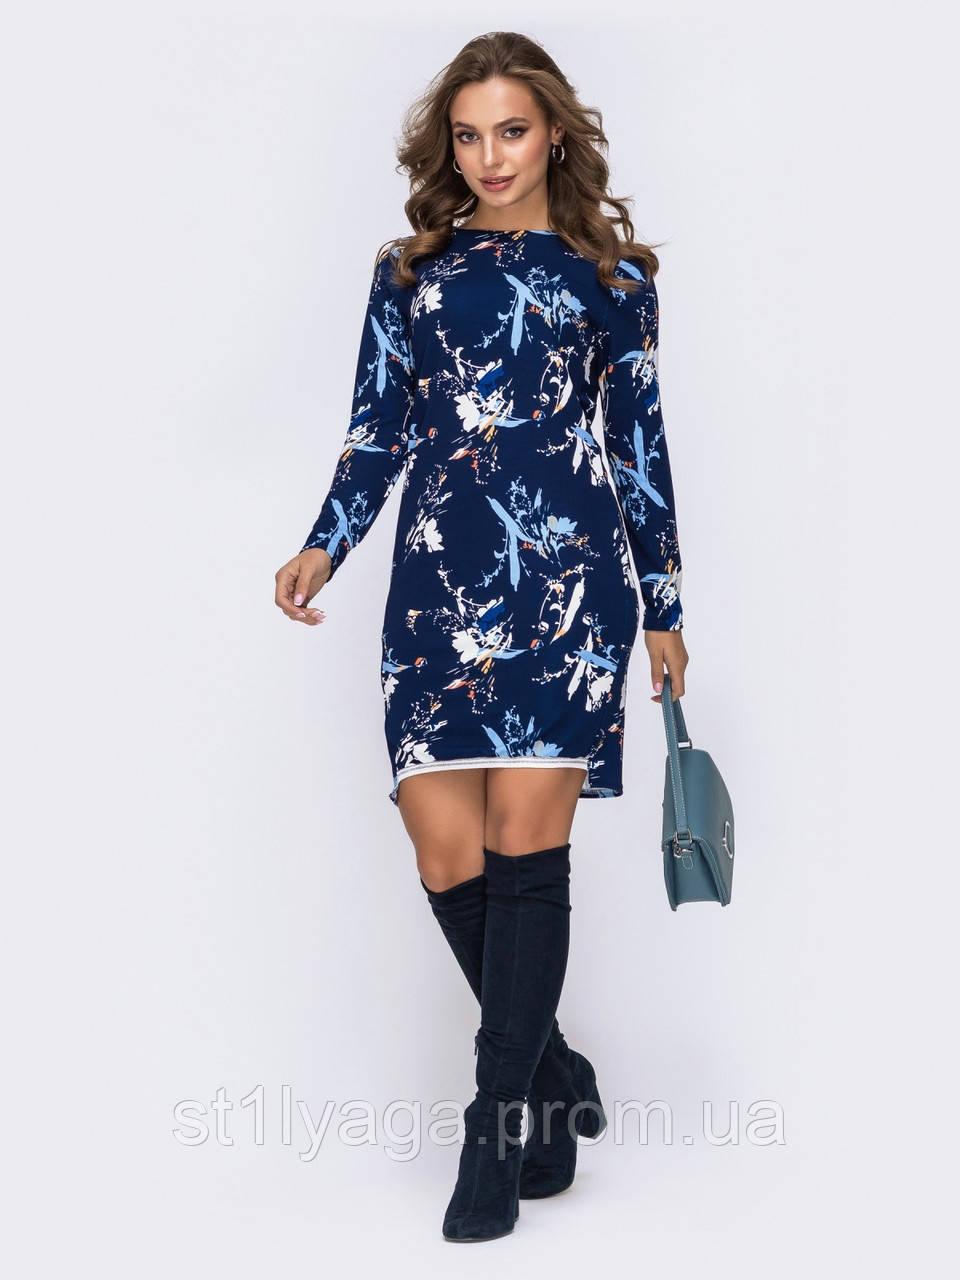 Стильное платье с удлинённой спинкой в флористический принт